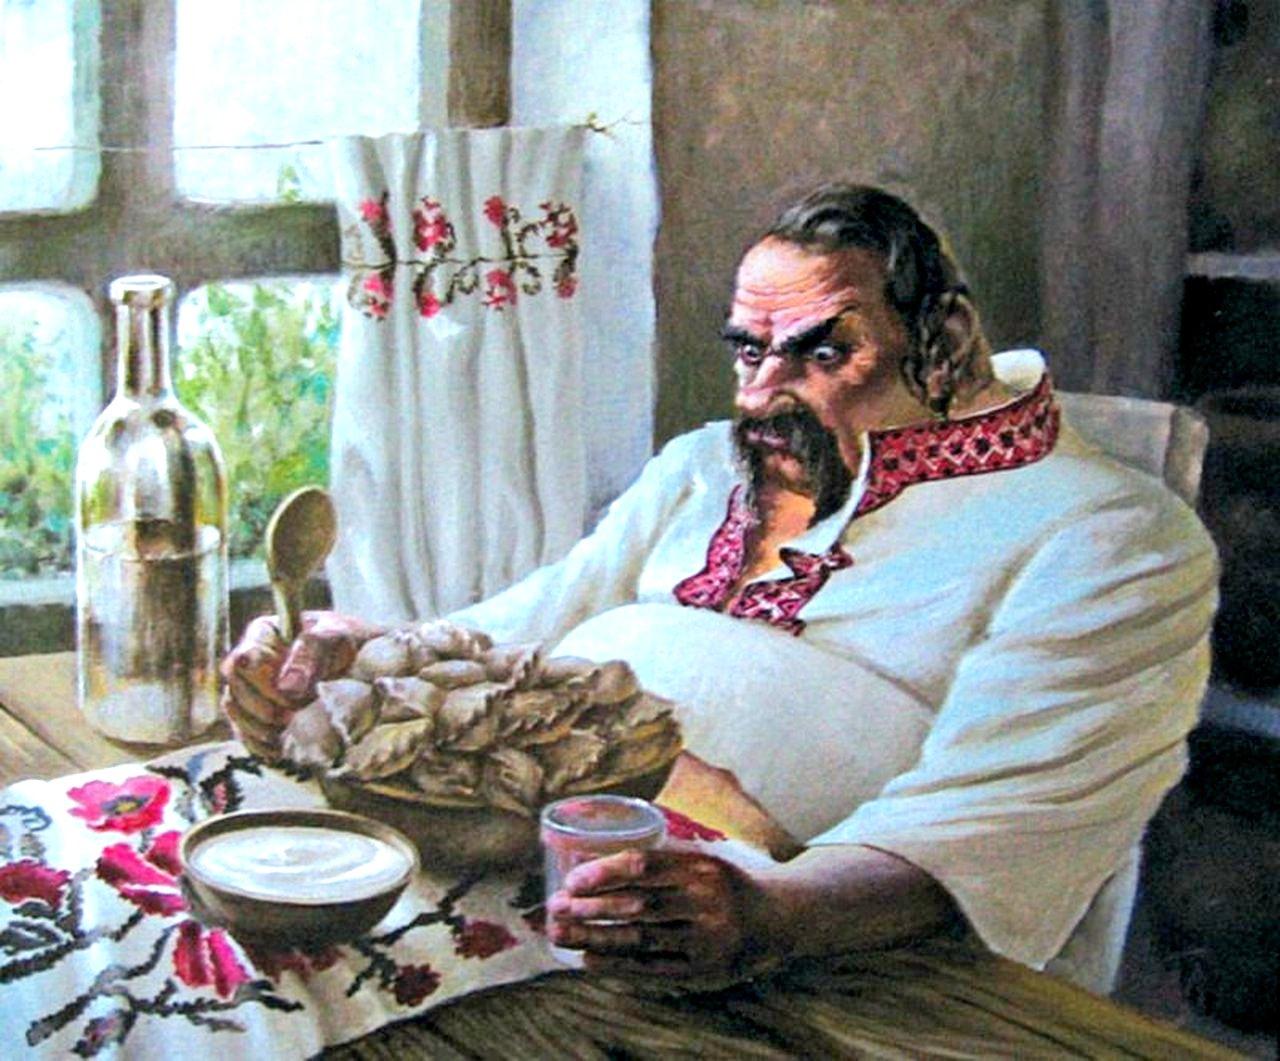 Миссионер с высоконравственной задачей украинизации Одессы